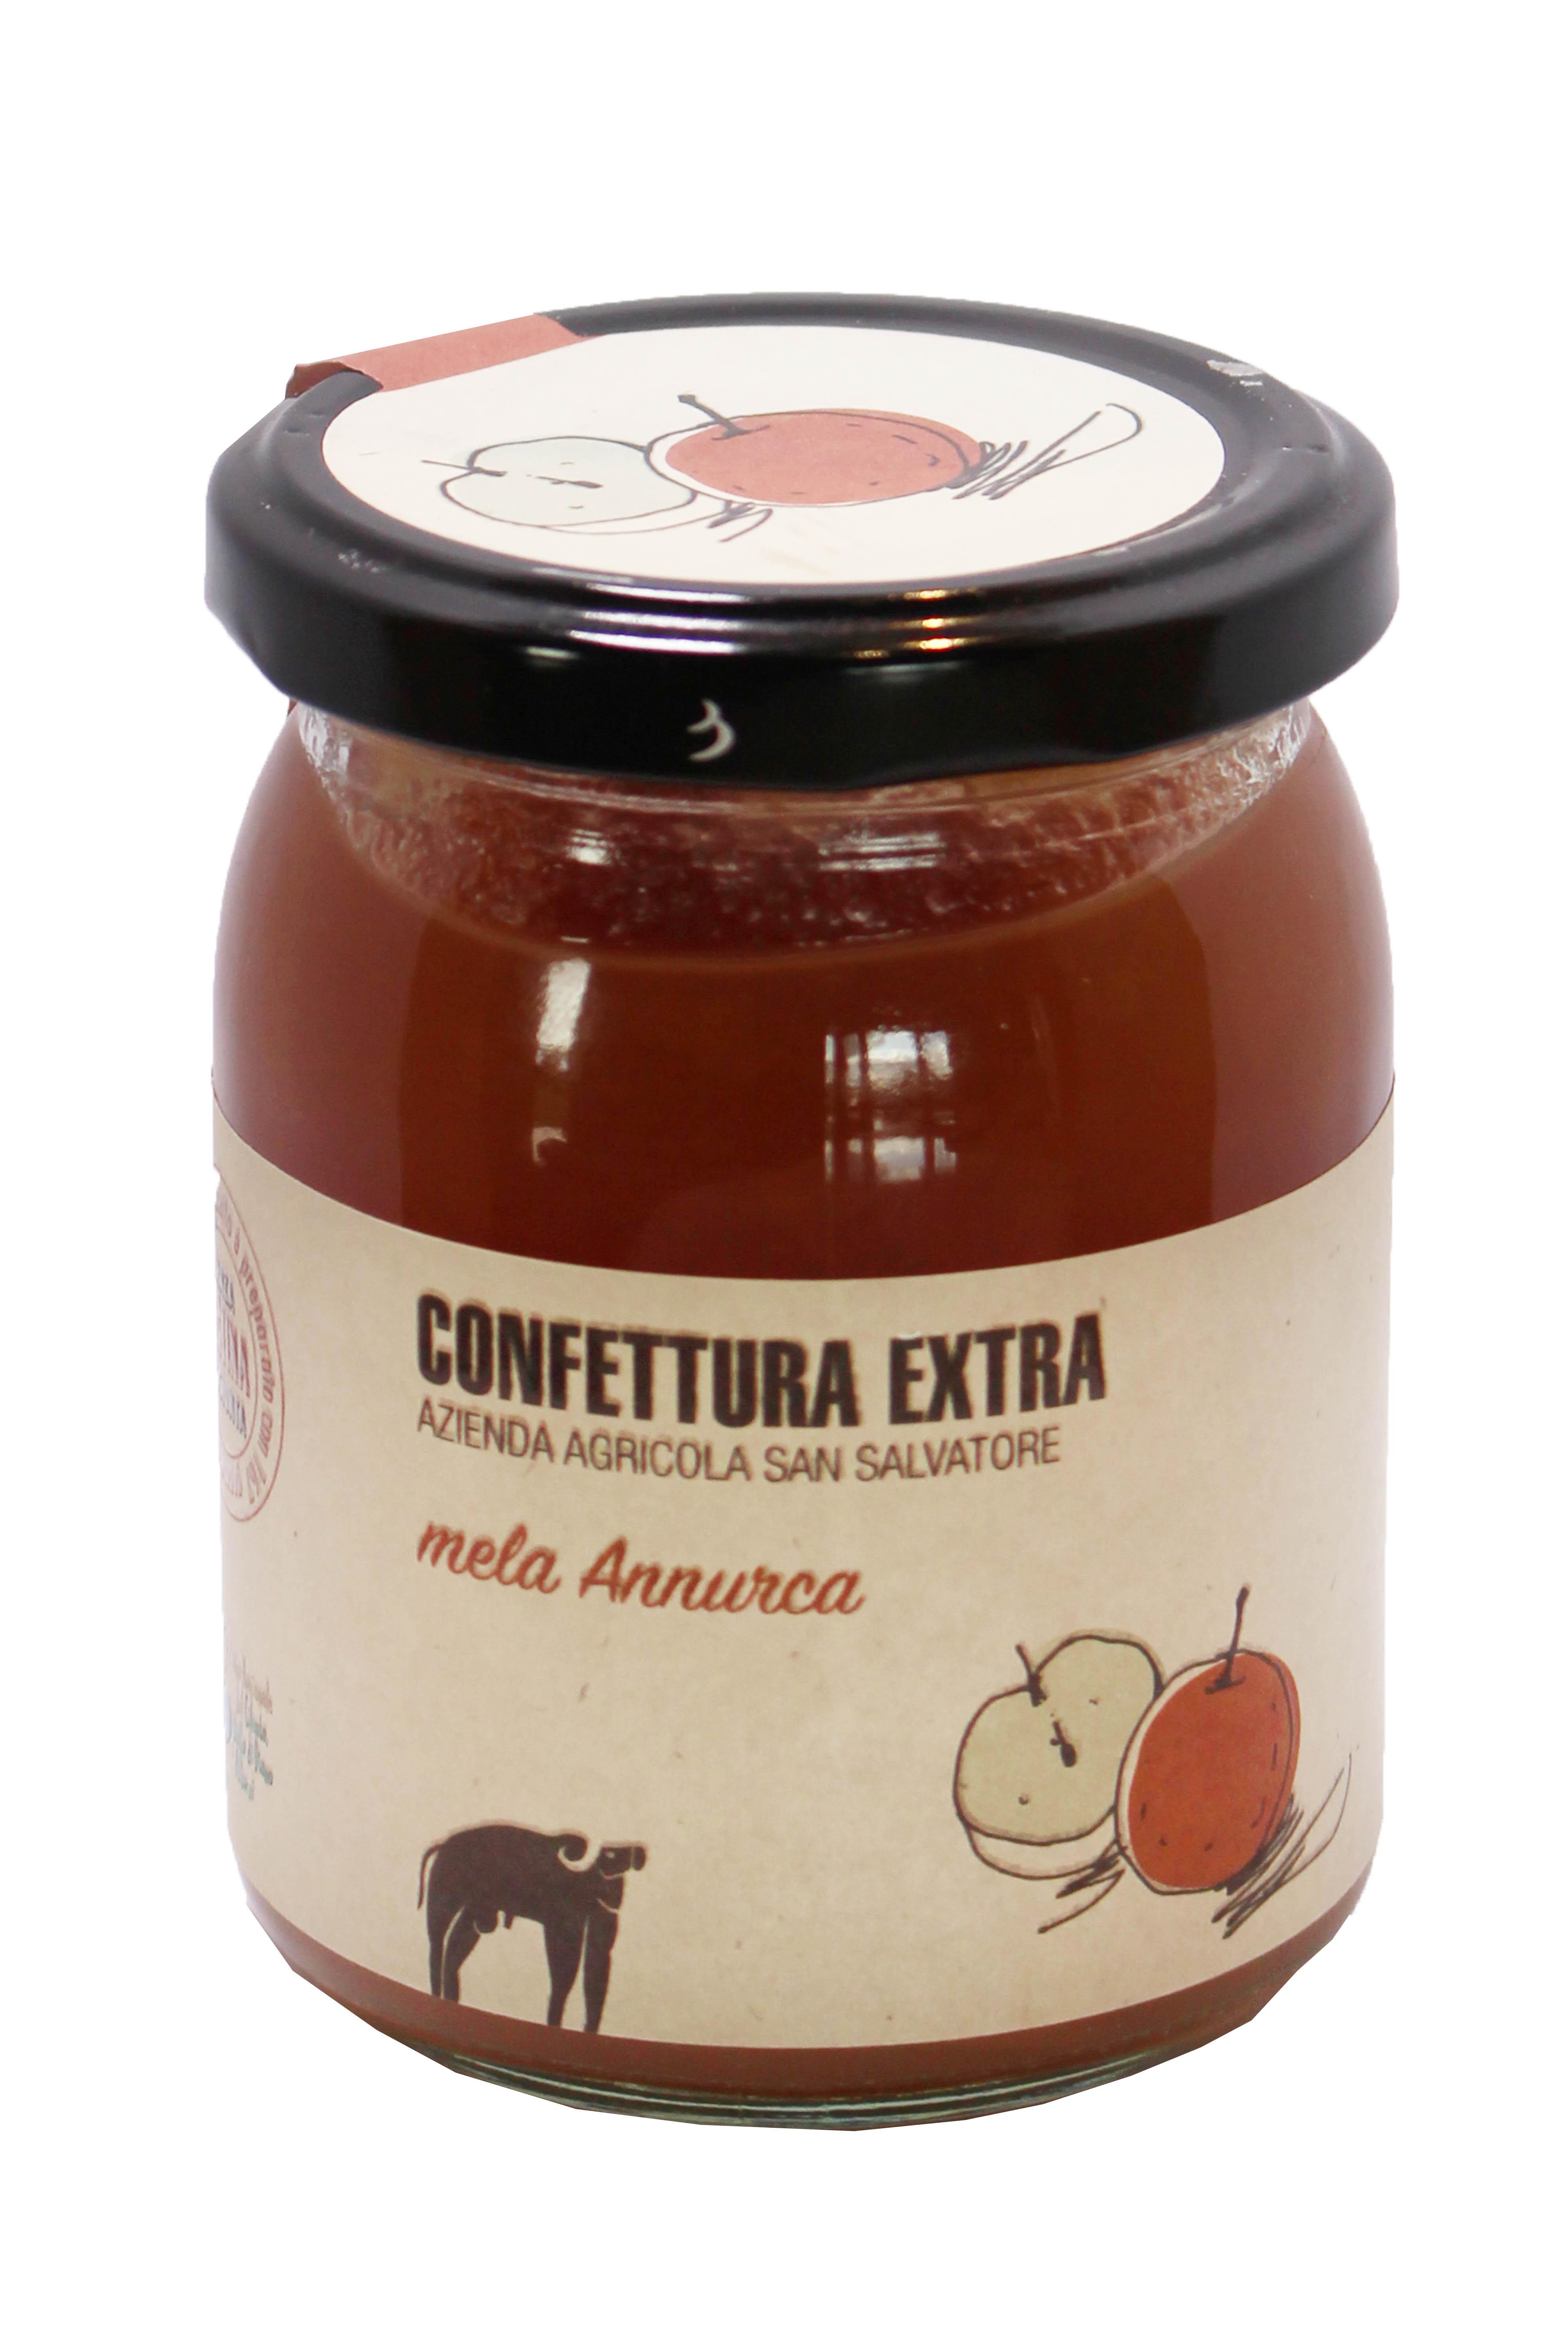 Confettura extra mela annurca  - 220 gr